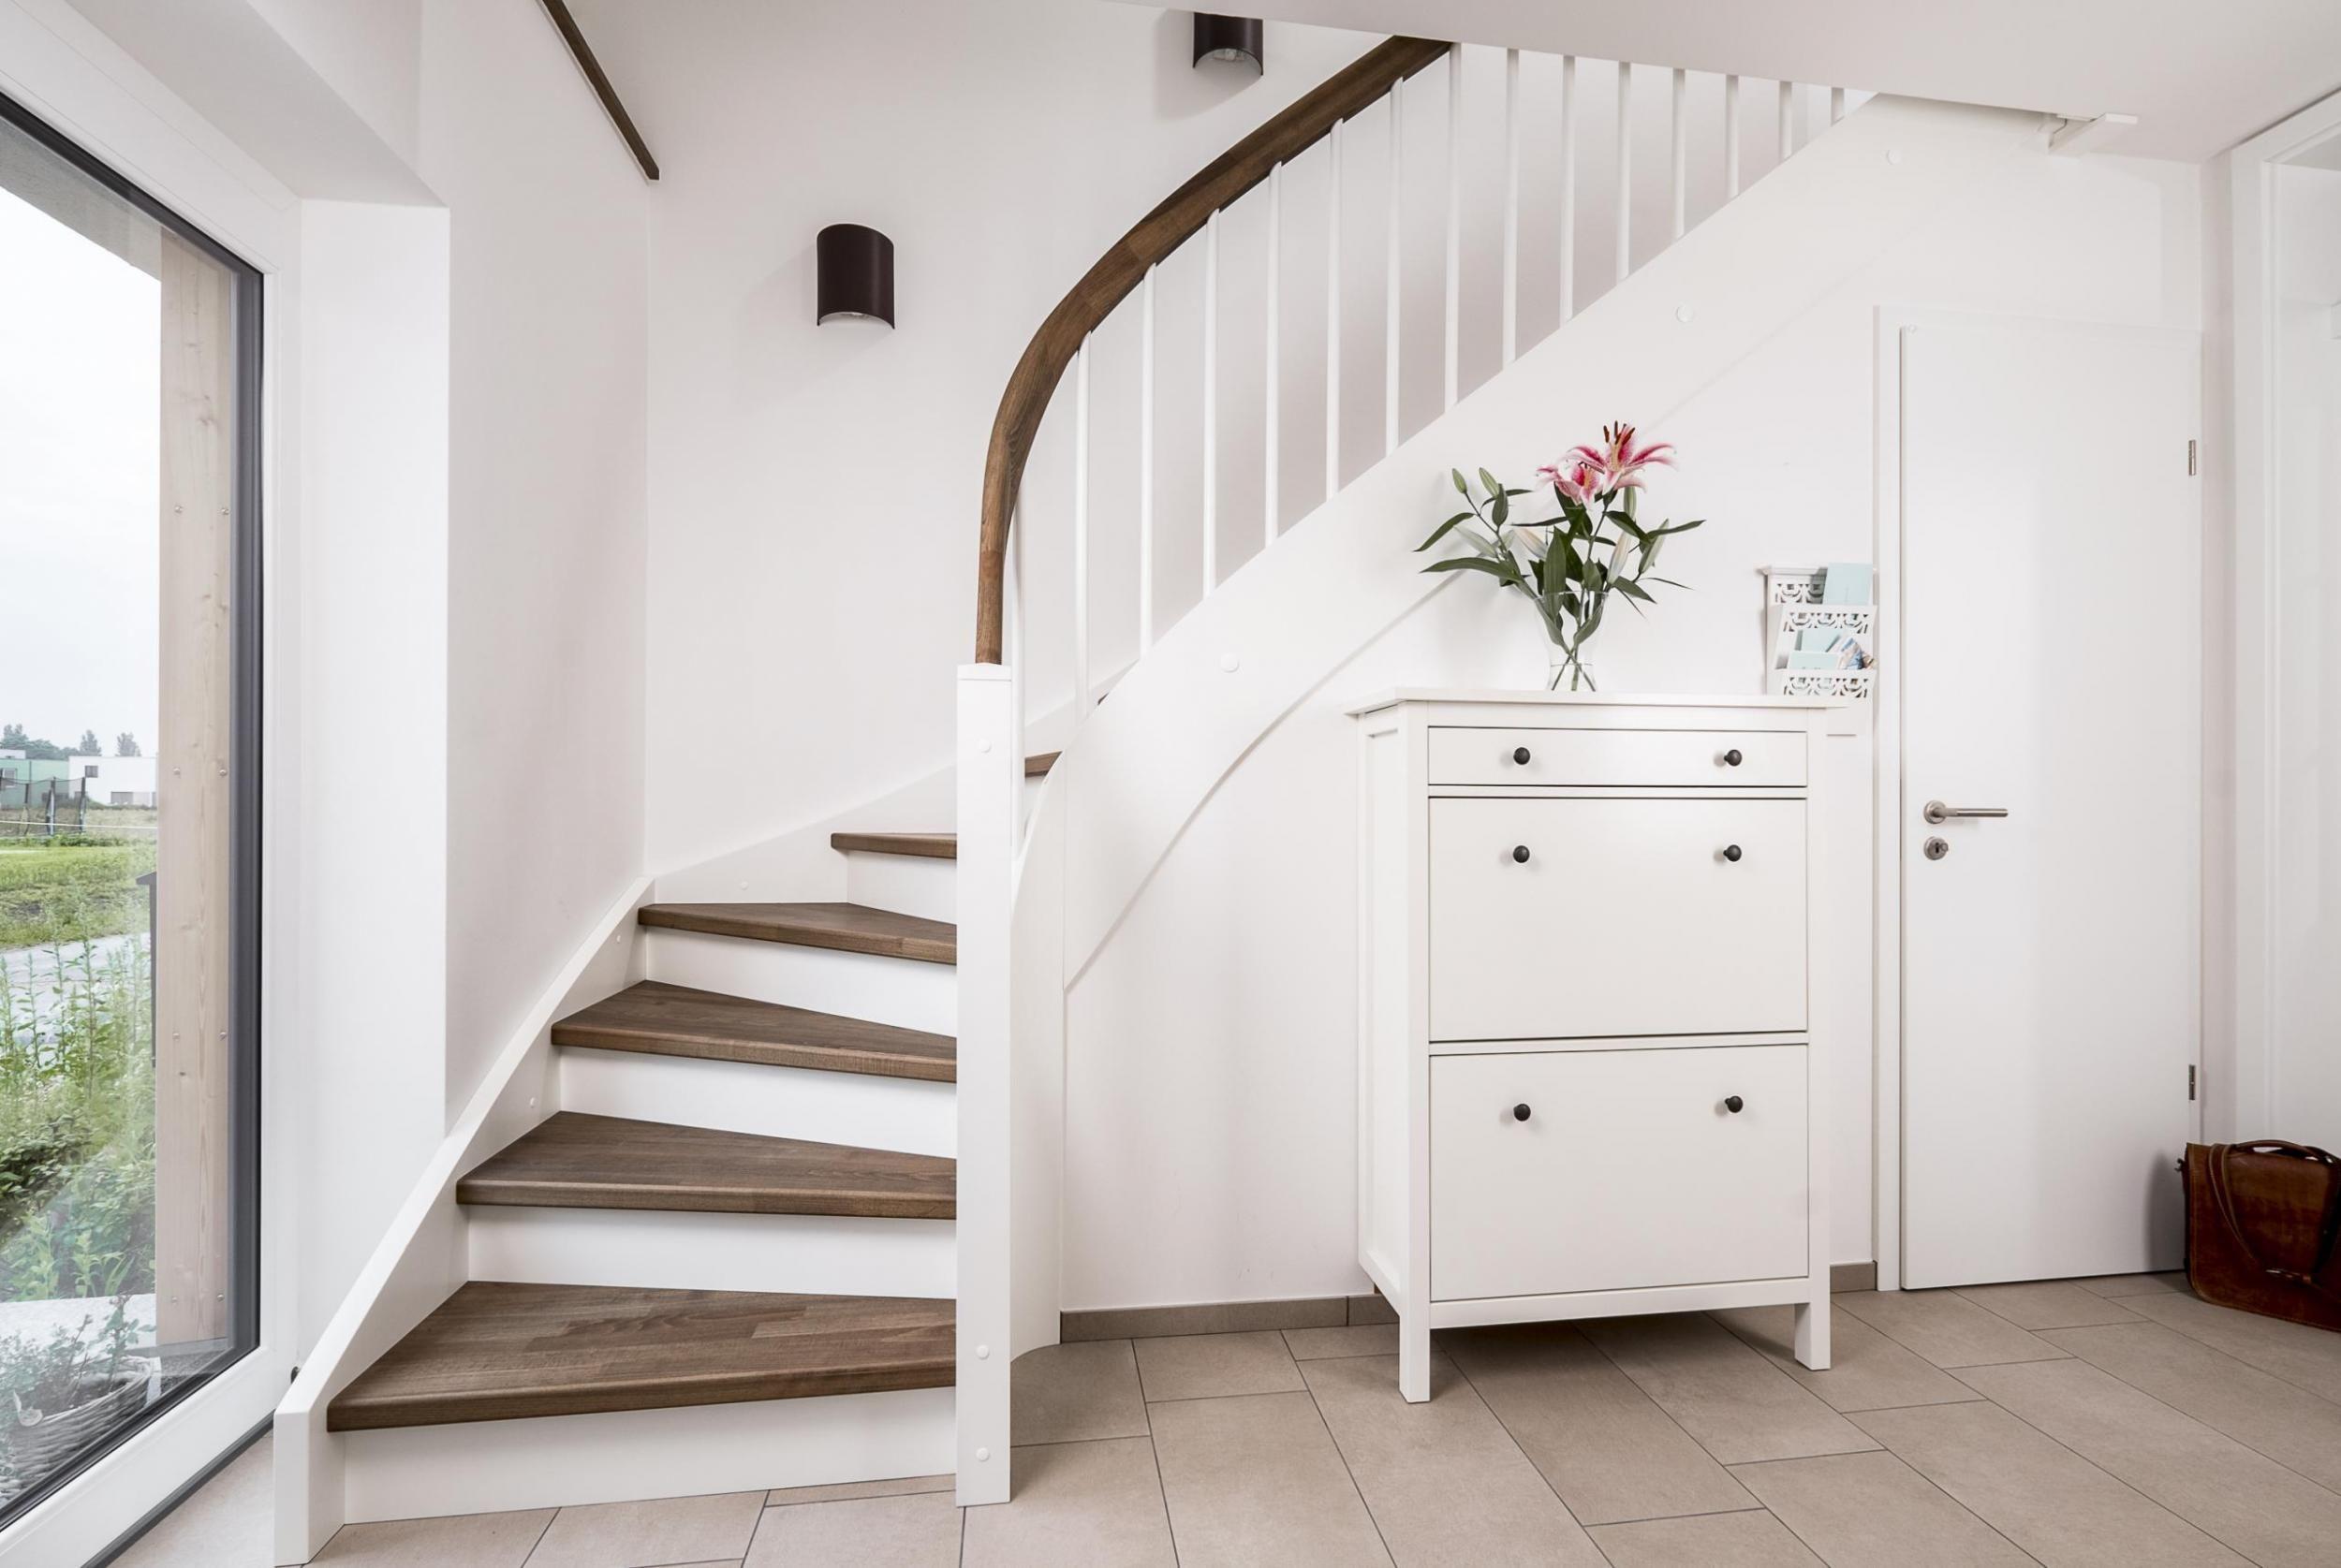 Voss Treppen wangentreppen made in norddeutschland treppenbau voß stairs